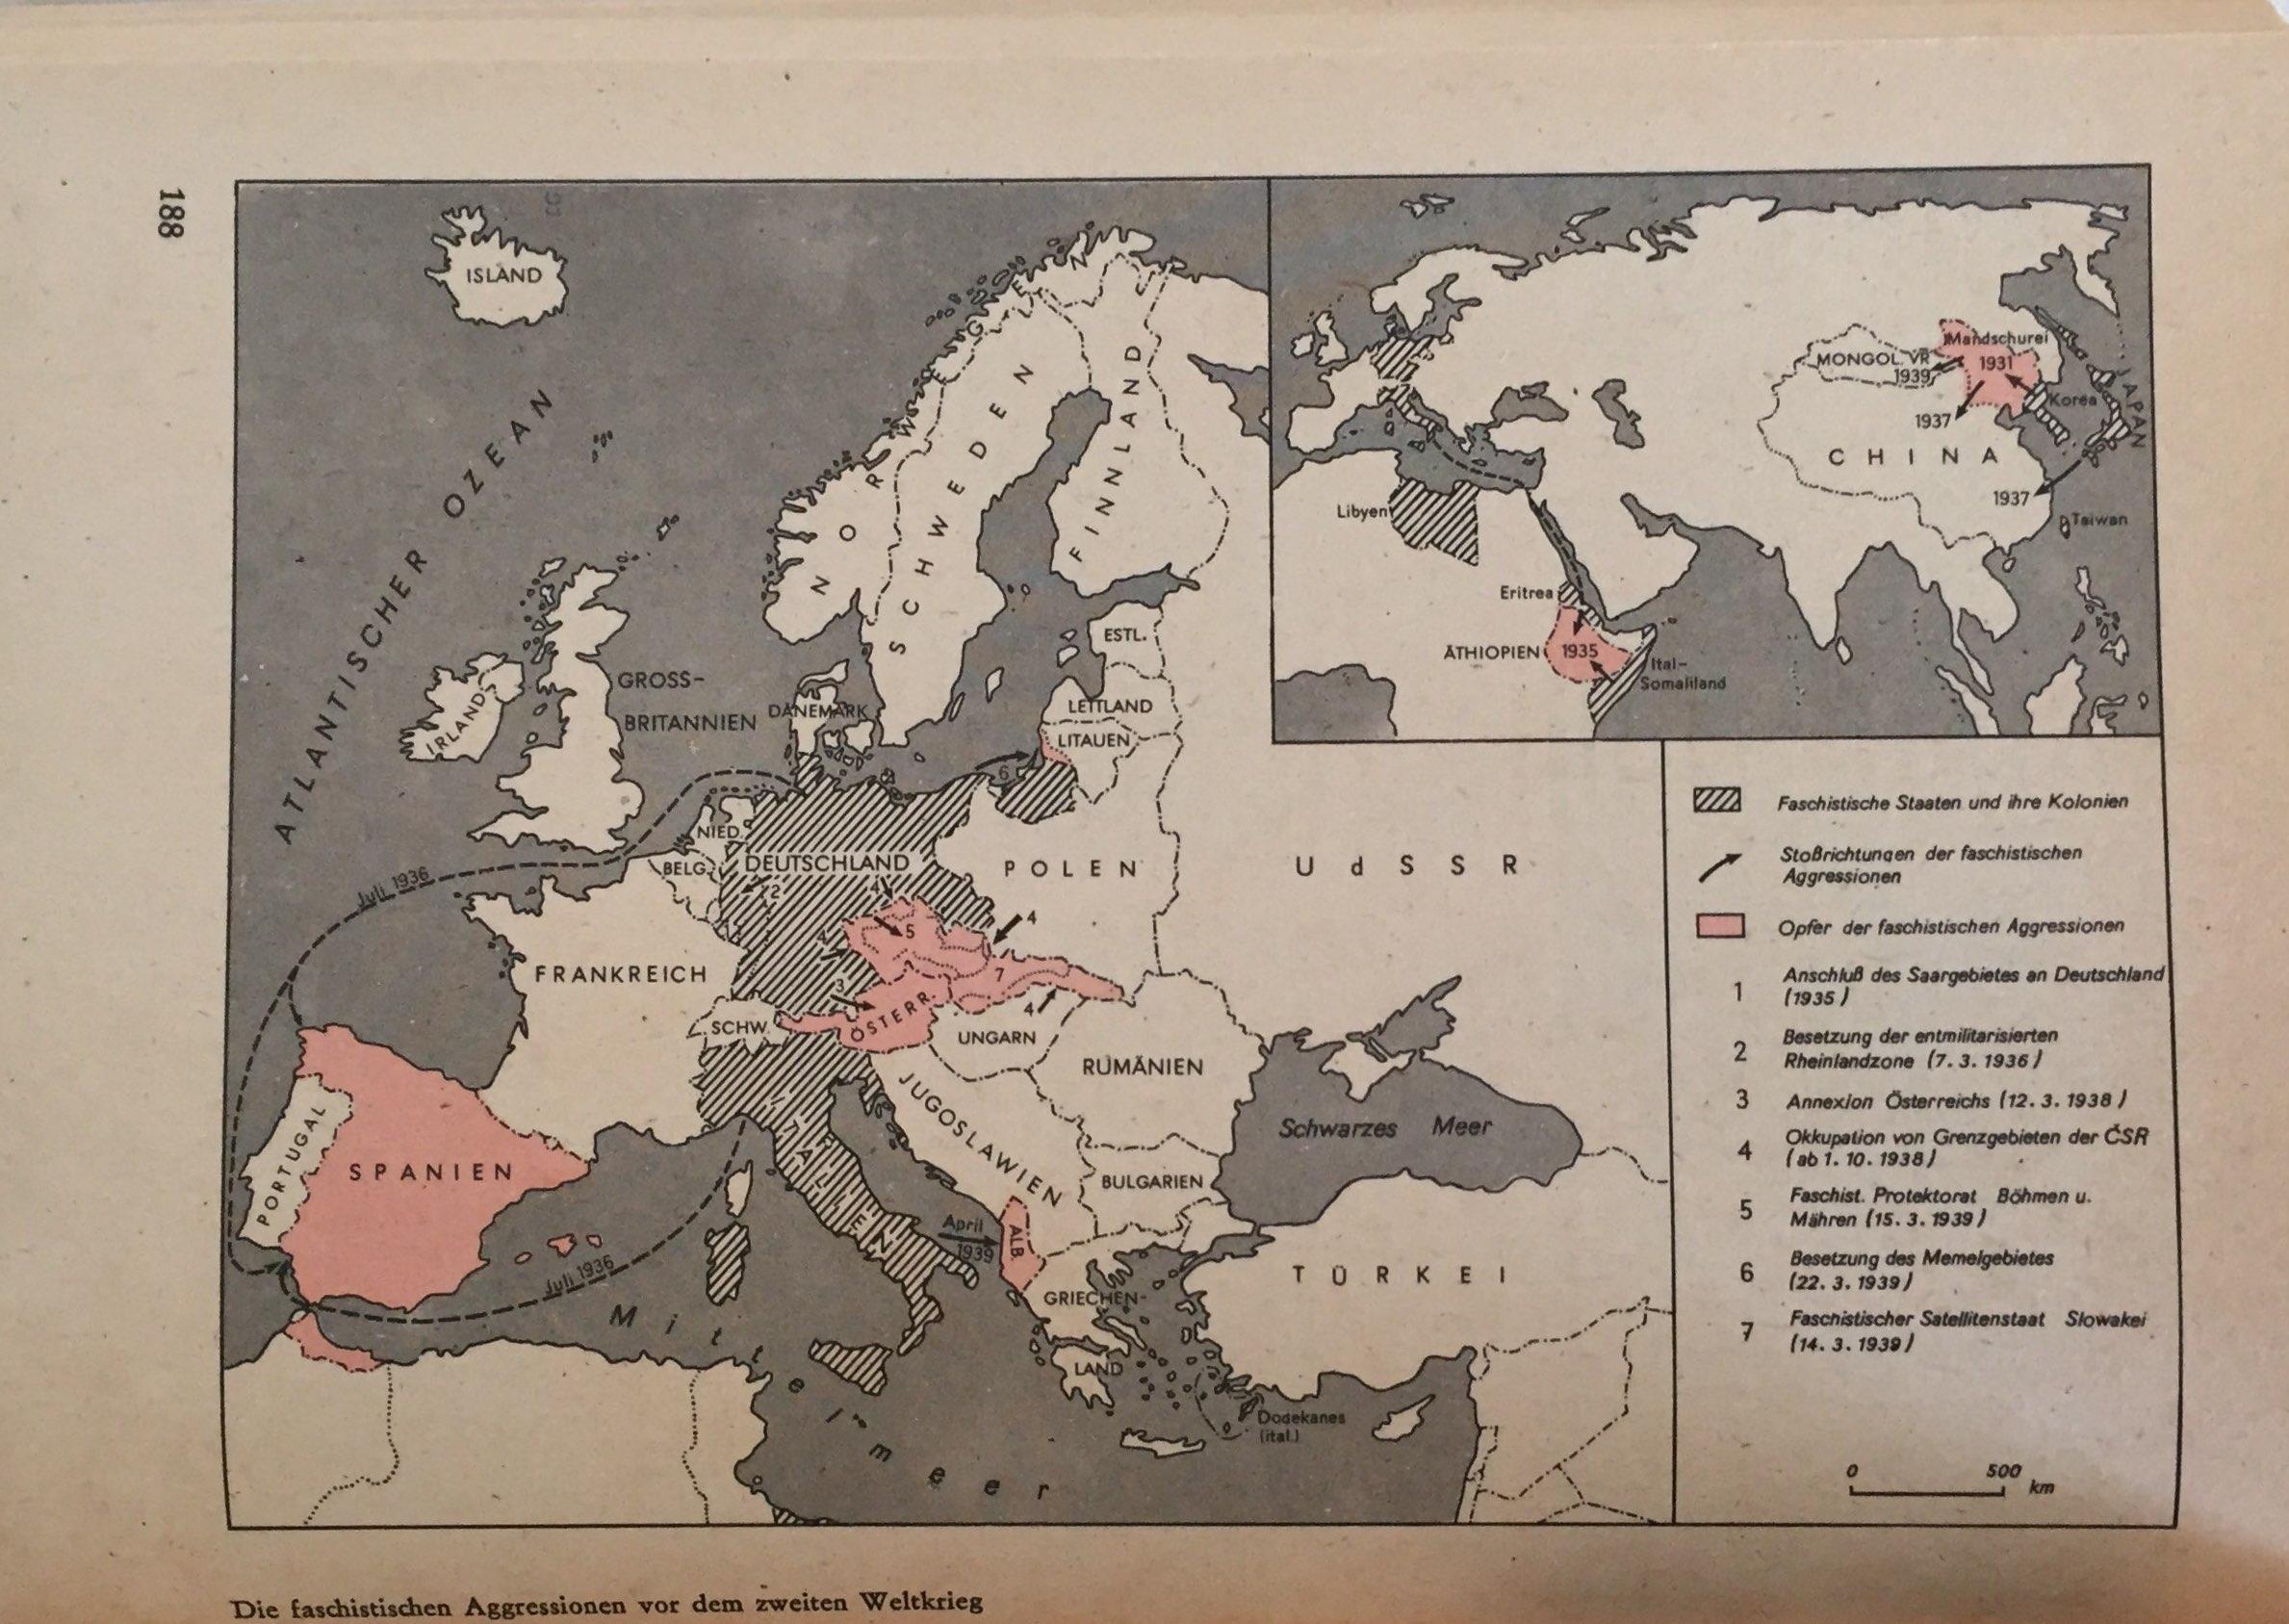 Die Verschärfung der Kriegsgefahr in Europa. Die Anstrengungen der Sowjetunion um ein System der kollektiven Sicherheit